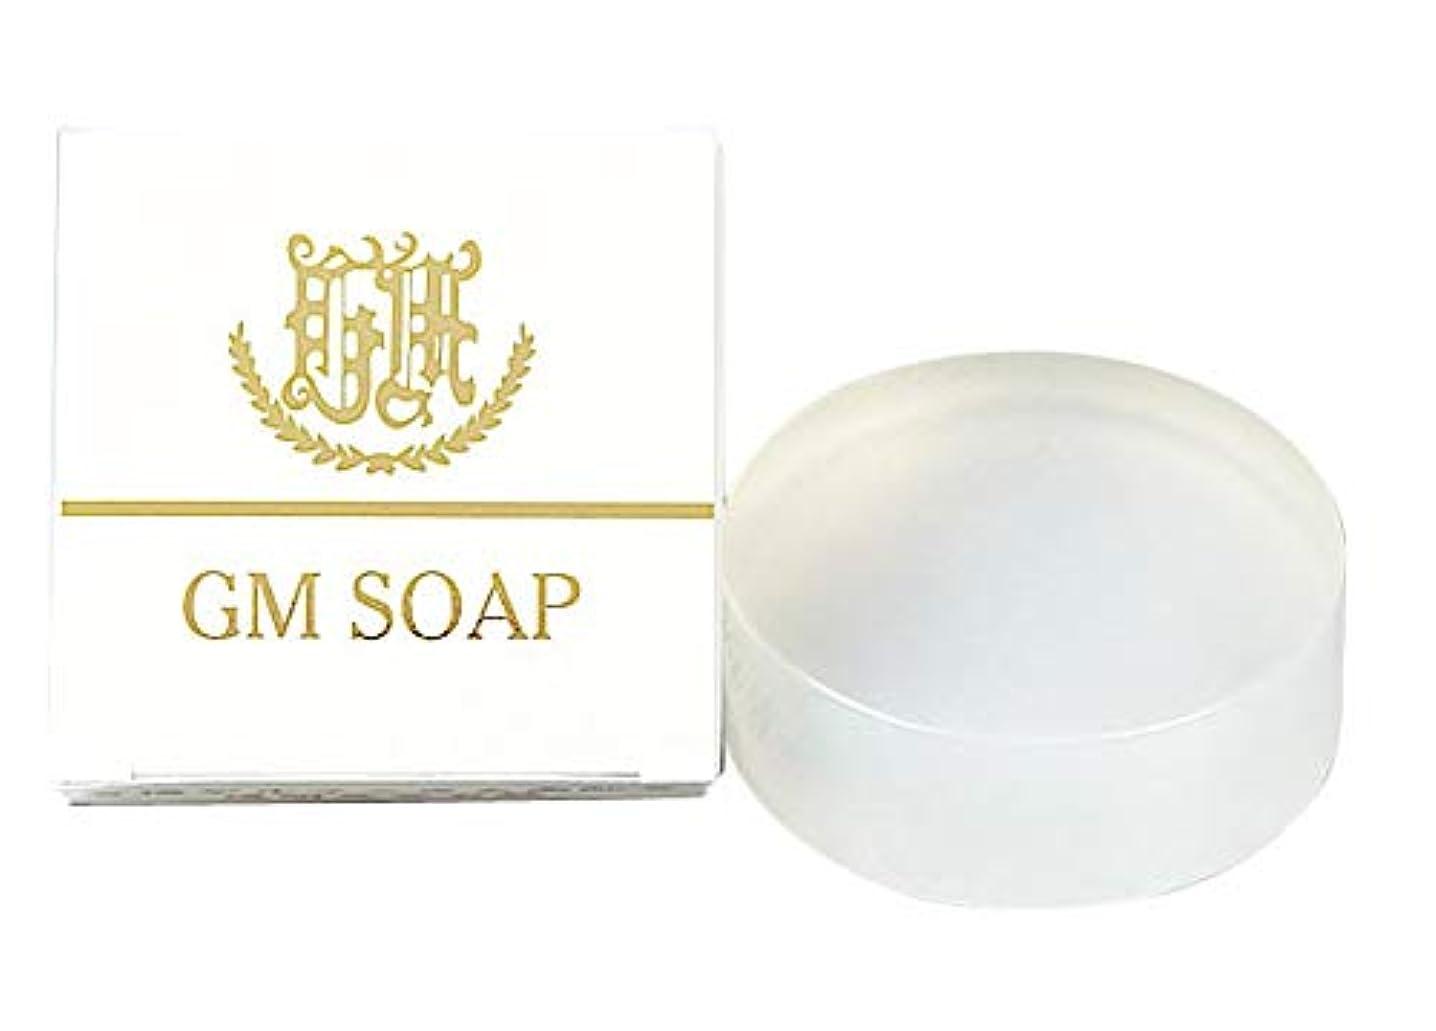 発見する赤外線甥【GM SOAP(ジーエムソープ)】 100g